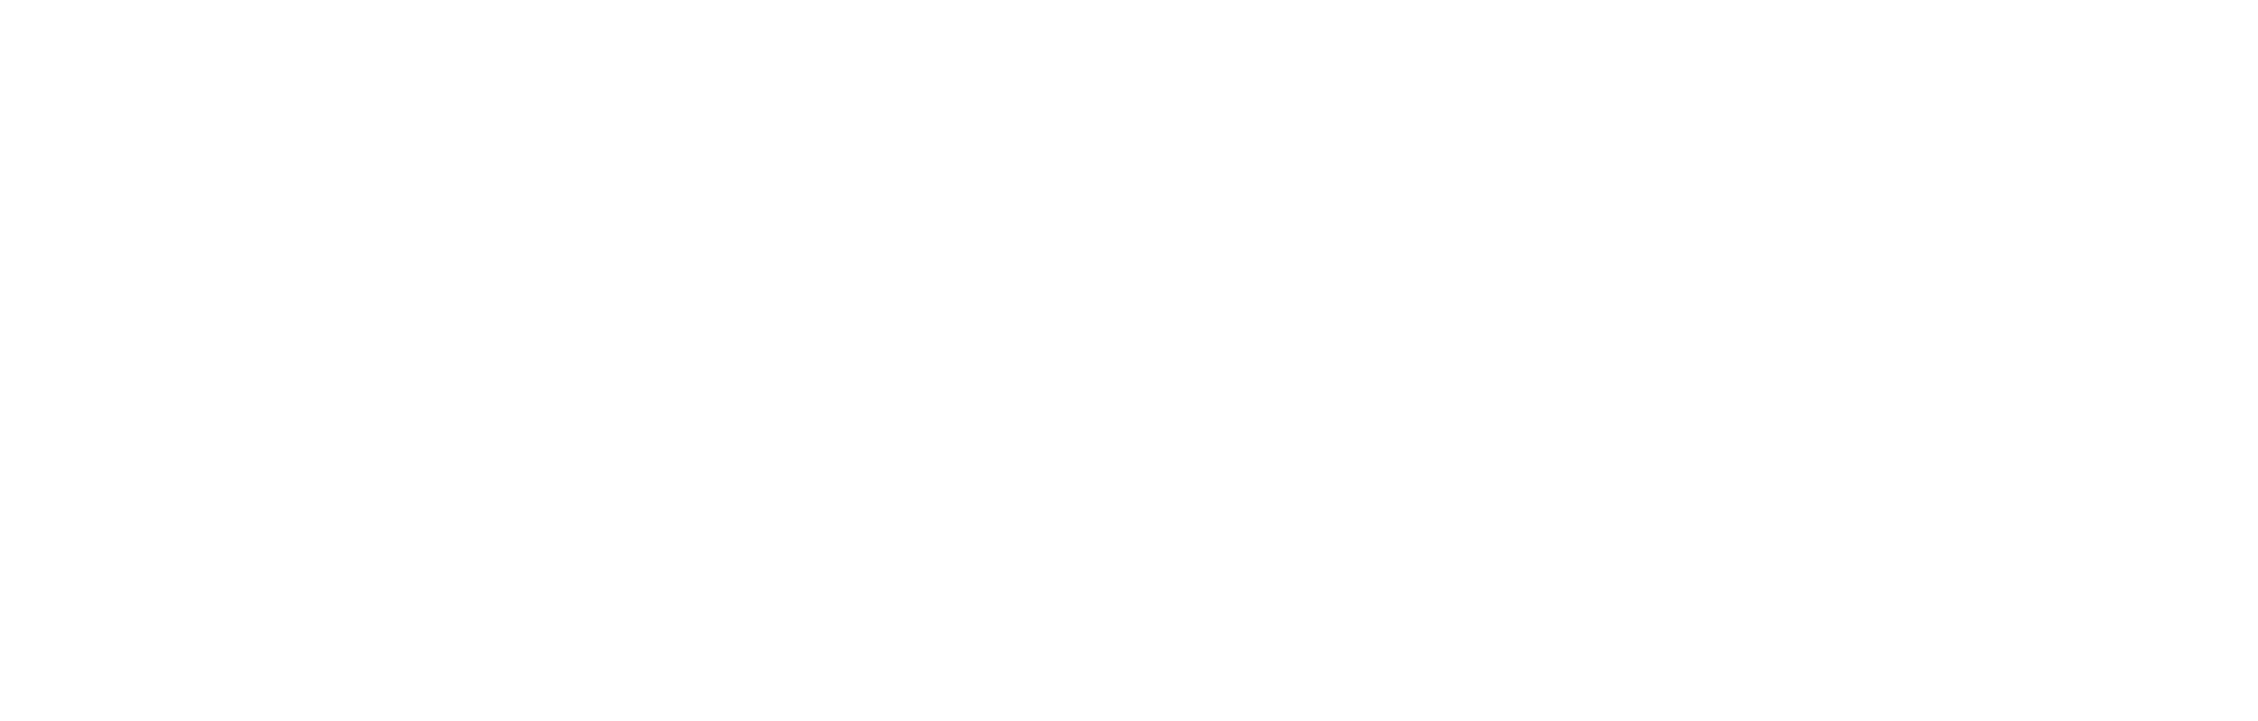 Logo Ski club peyragudes Blanc